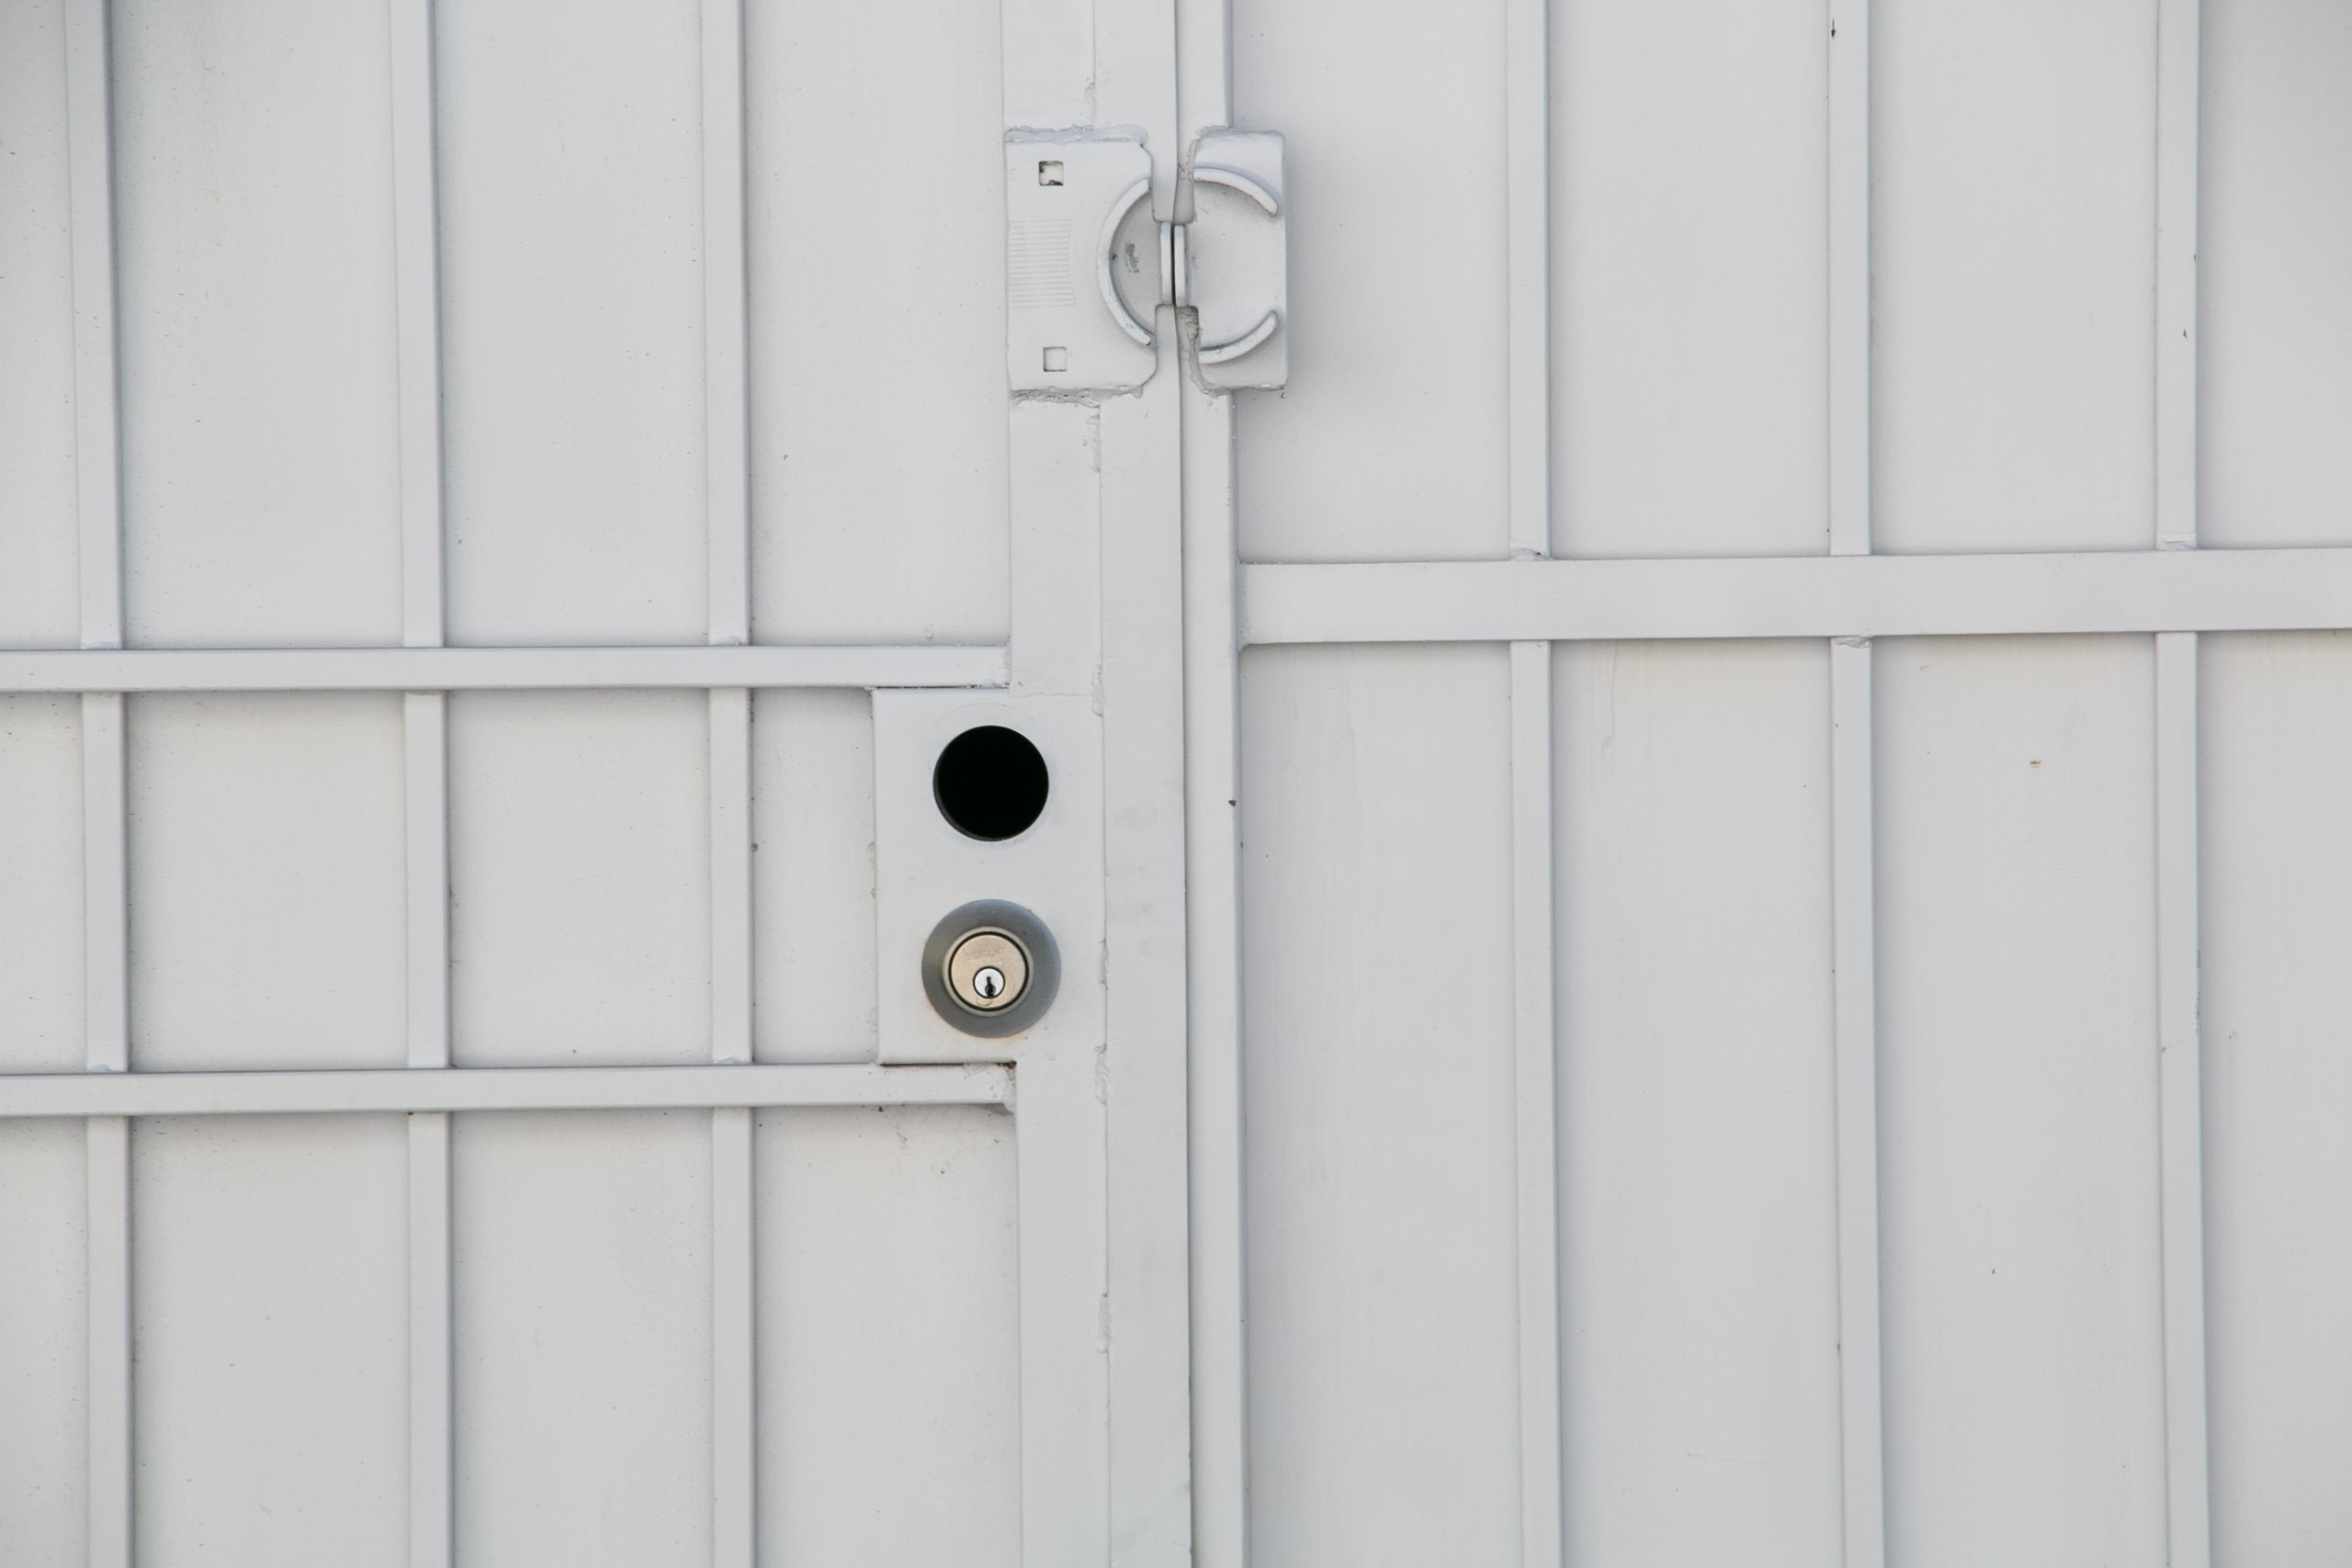 13x9 Garage self storage unit